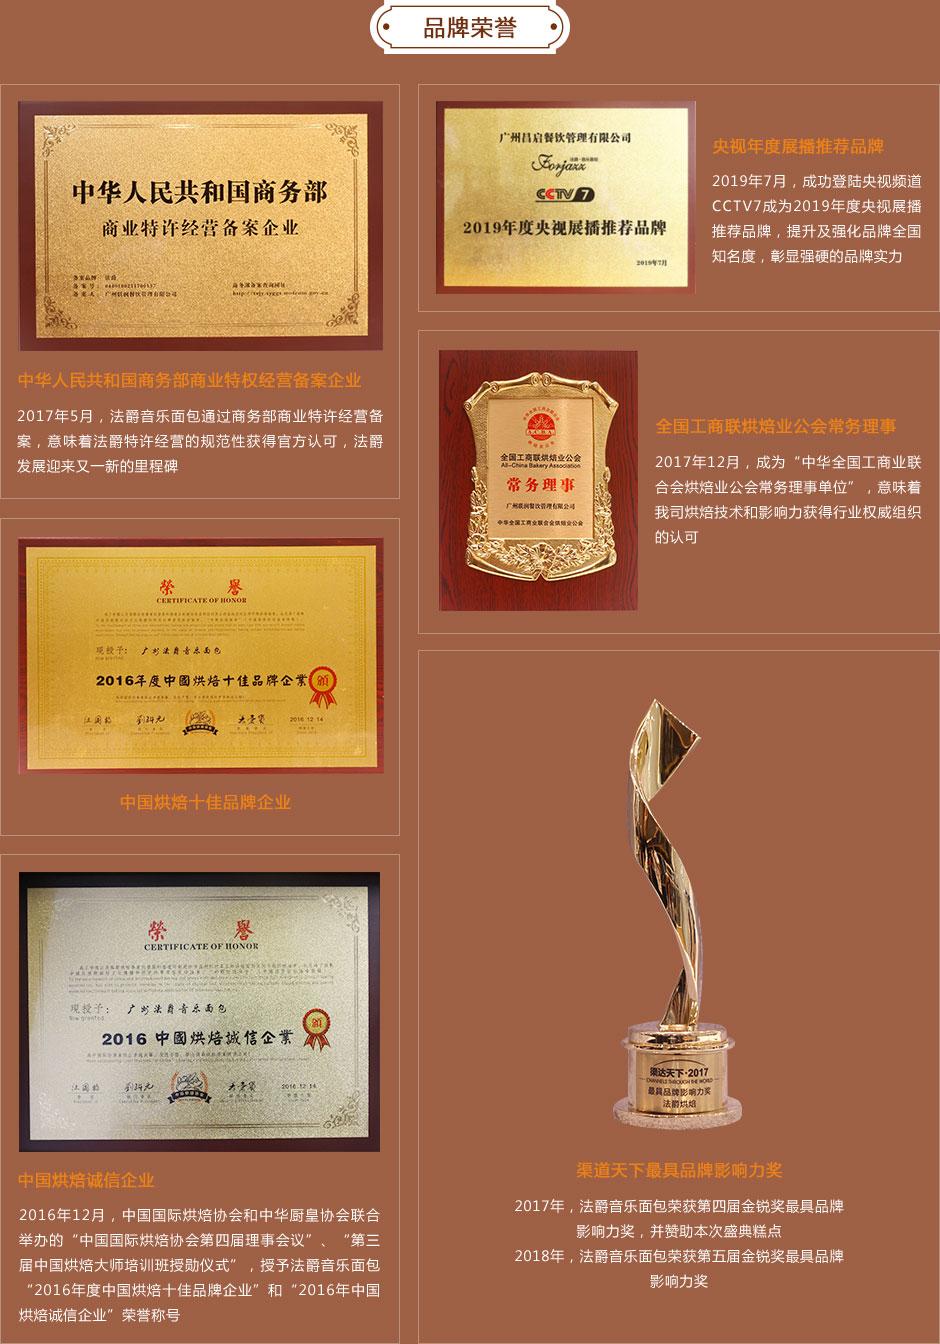 法爵音乐面包品牌荣誉